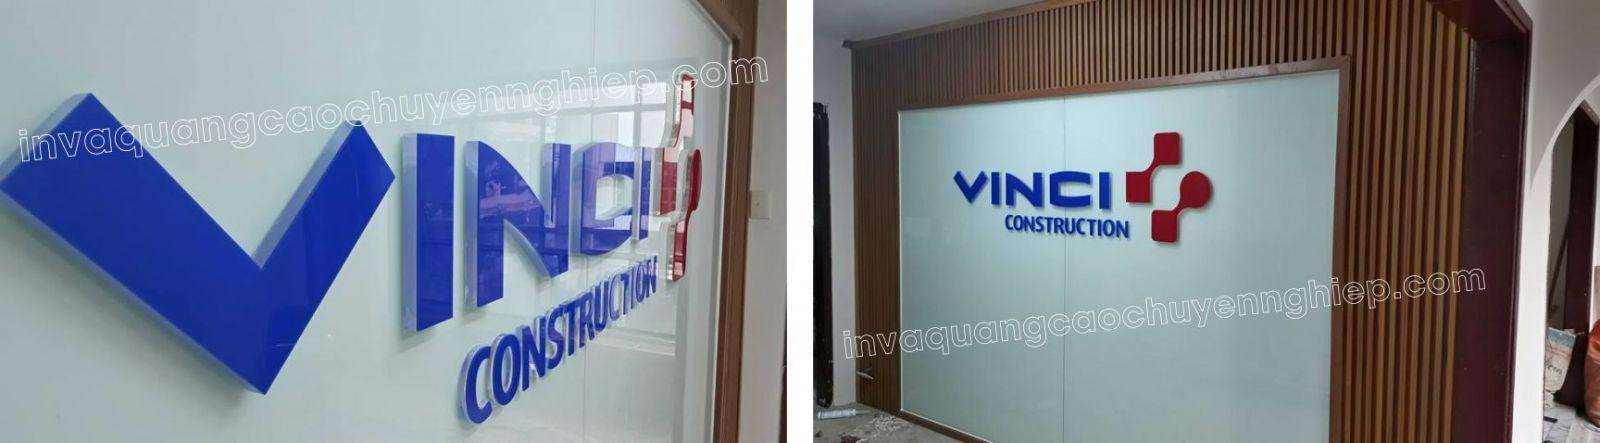 Làm biển lễ tân, logo backdrop văn phòng bằng mica